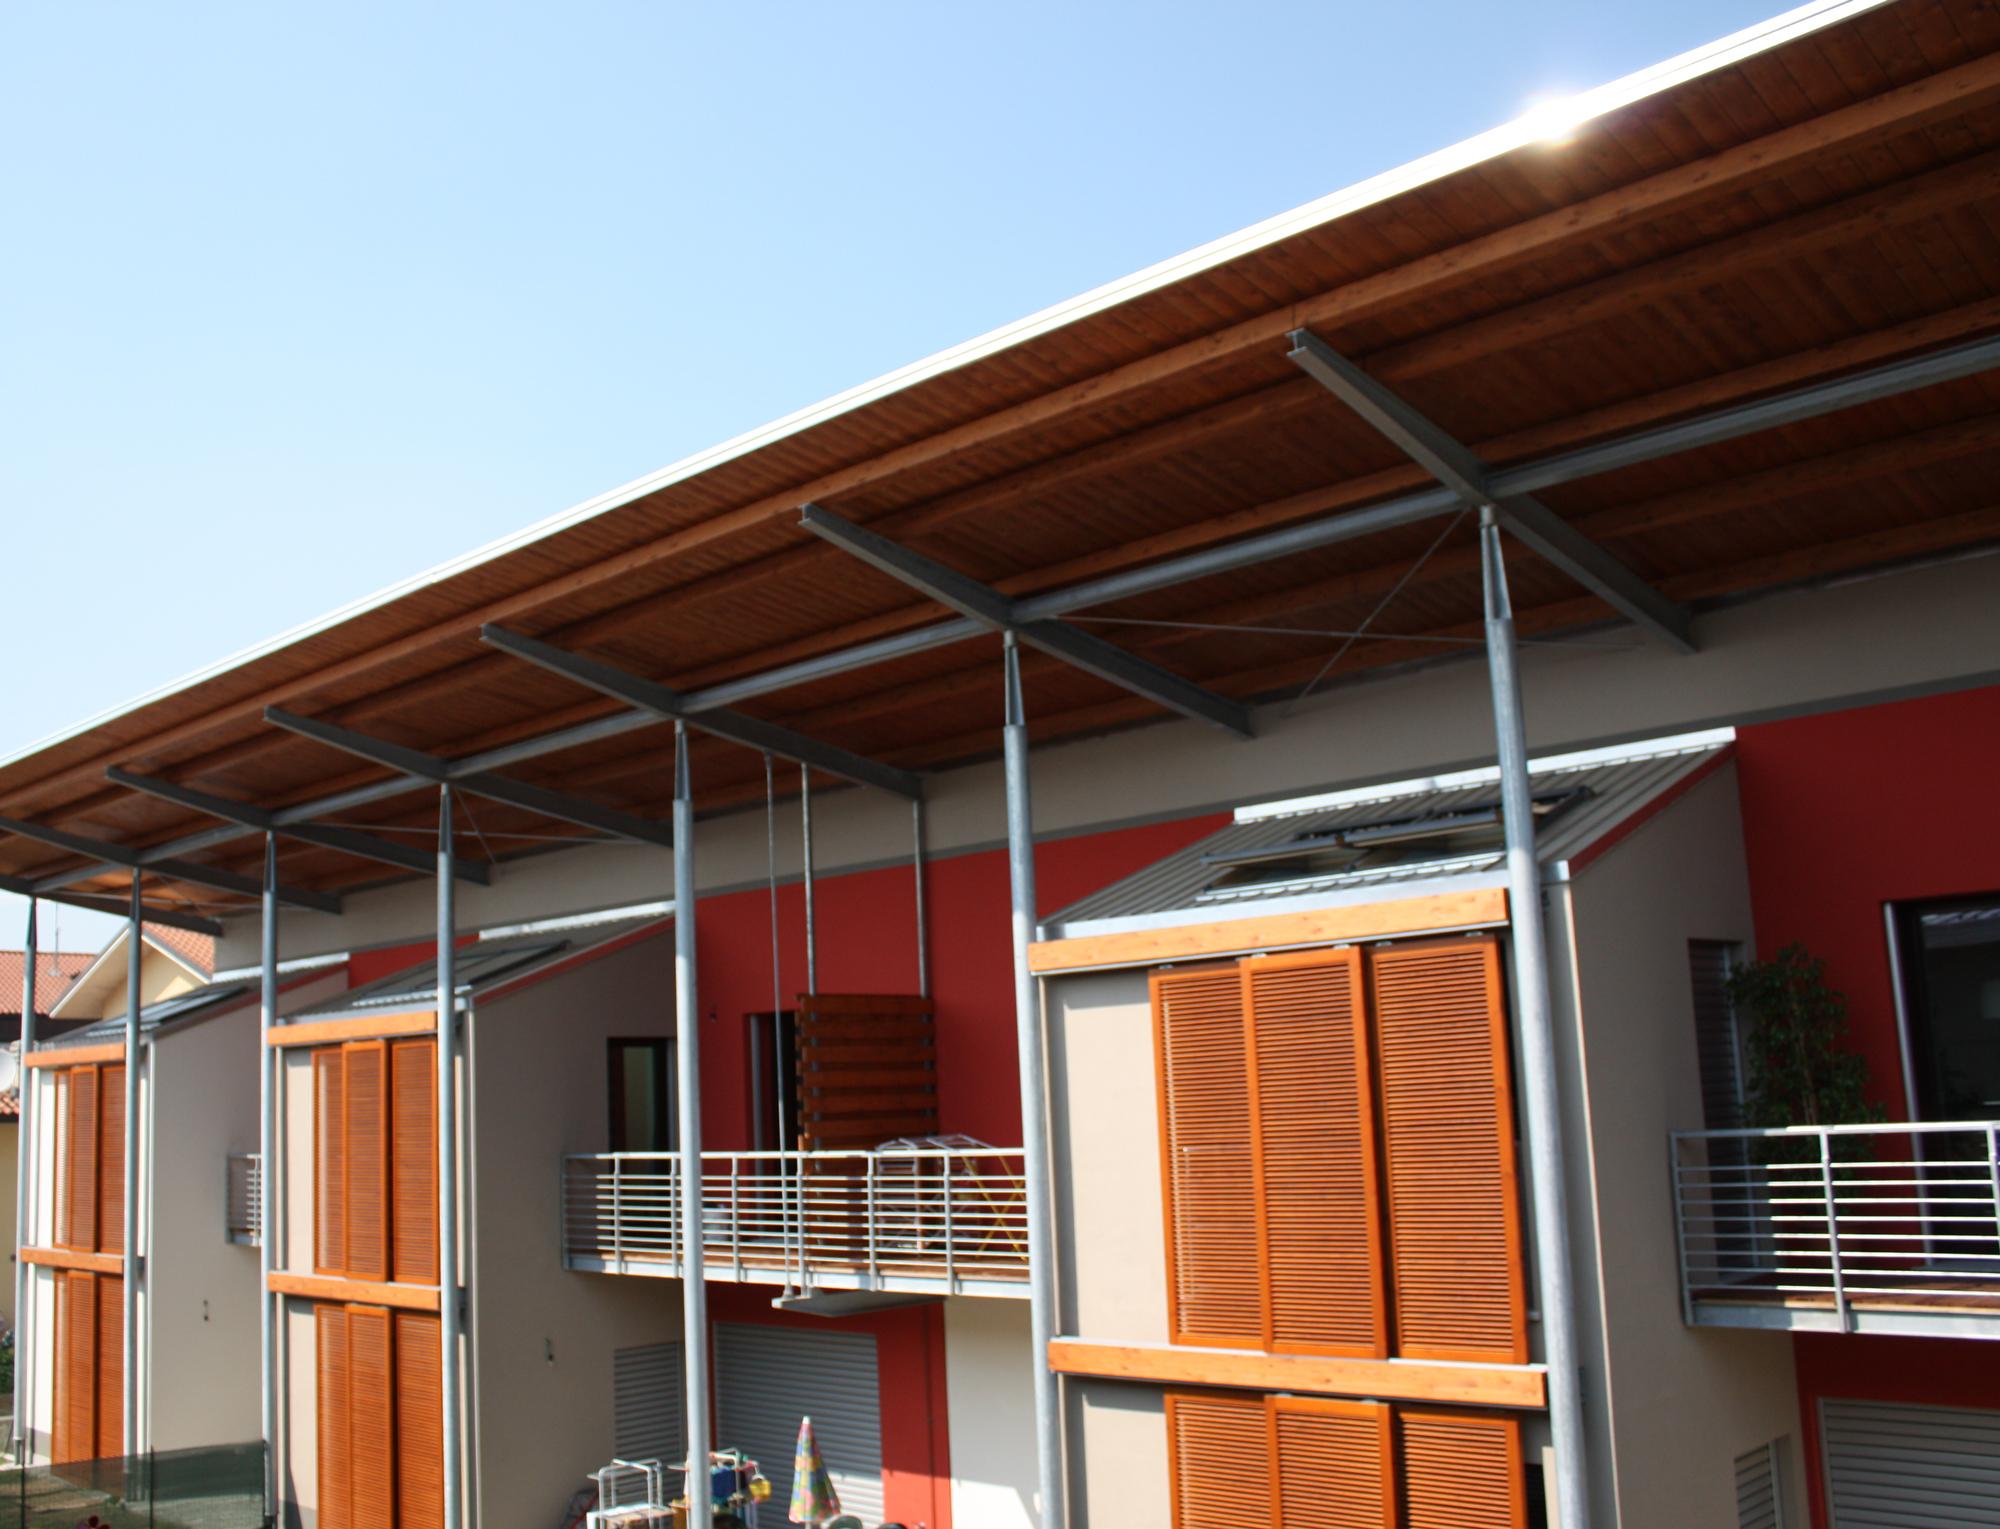 La chiusura di un balcone - Mansarda.it